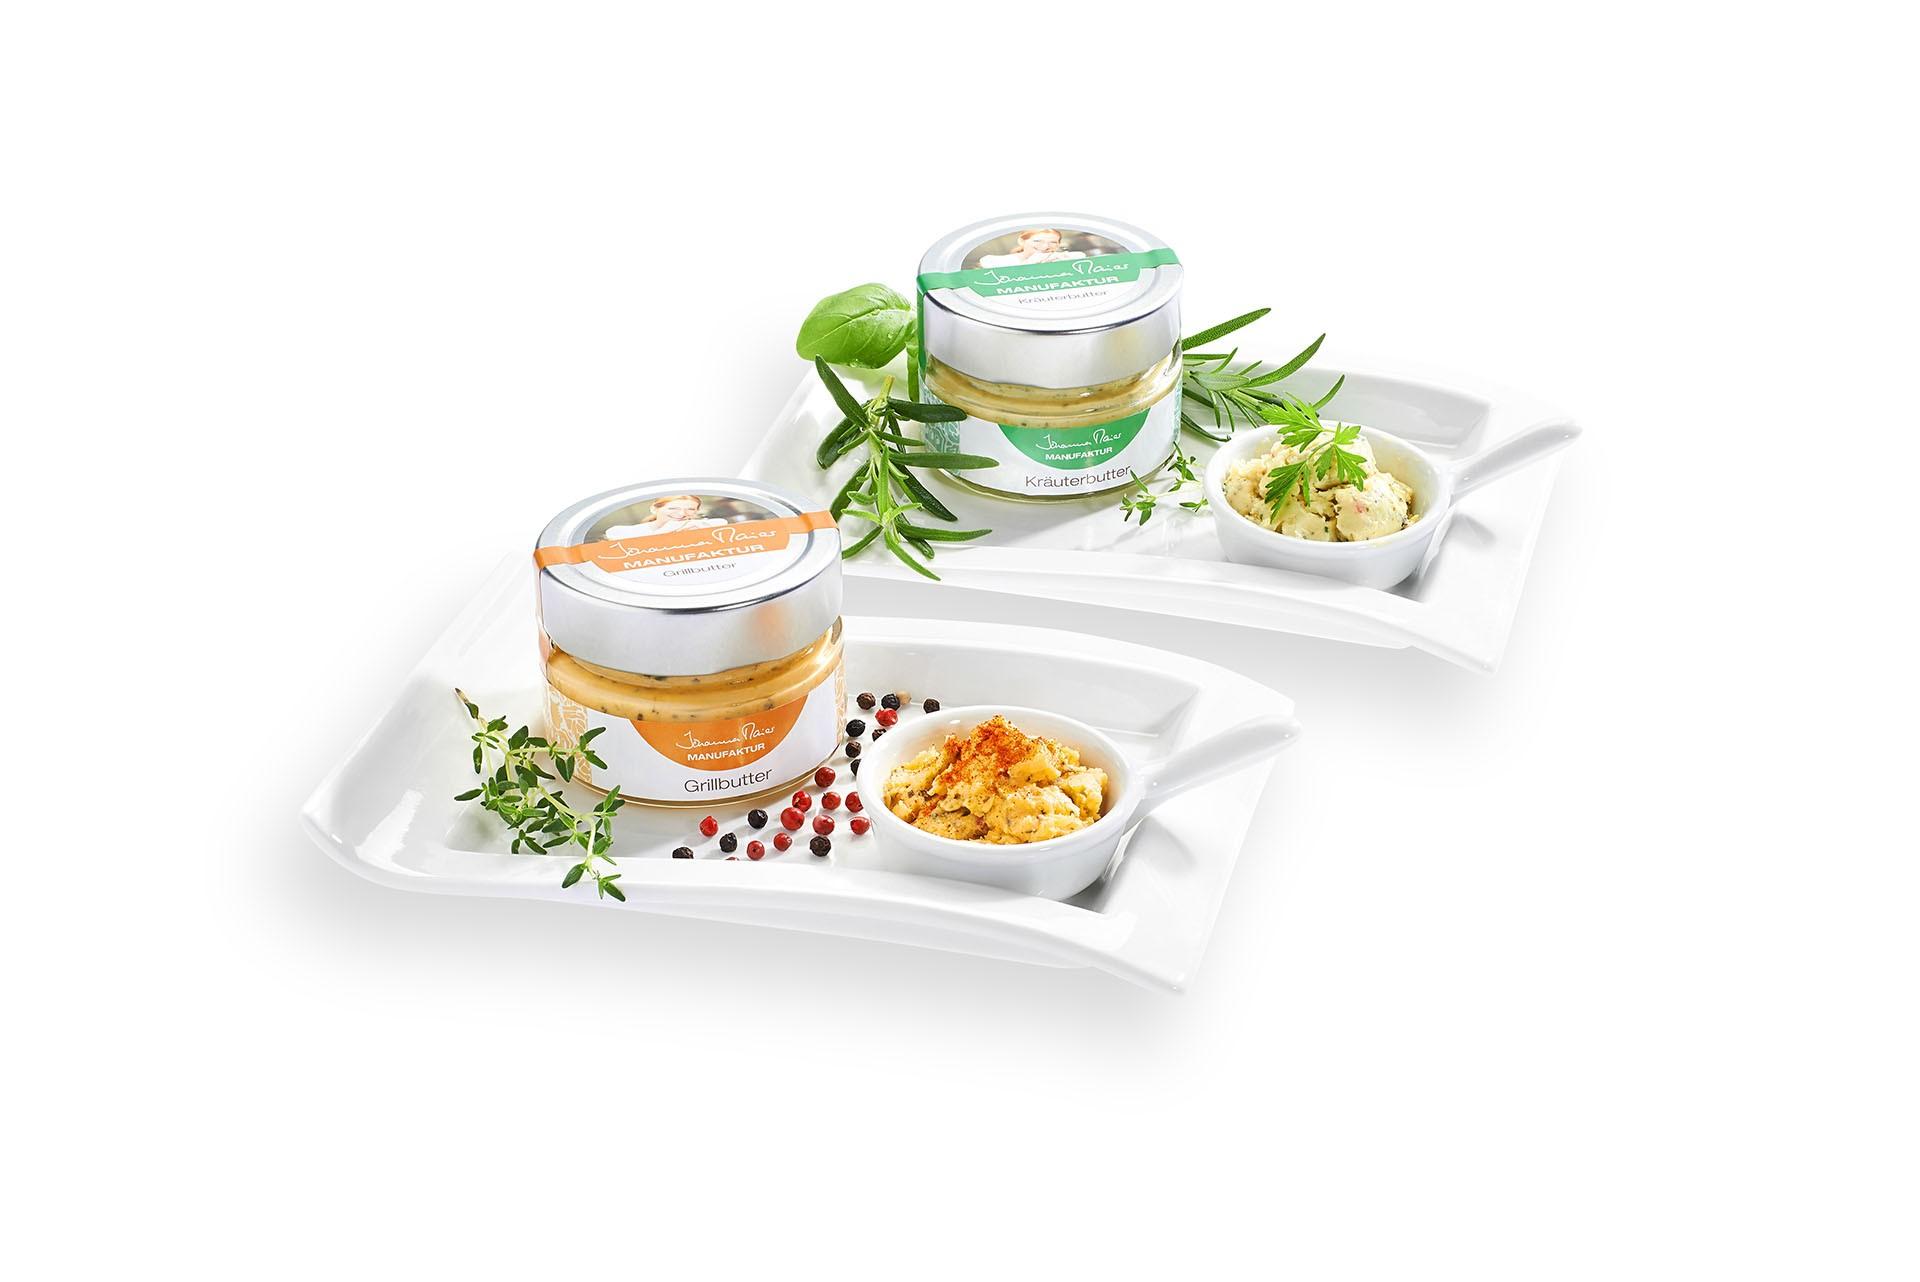 f018d-Food-Fotograf-Fotostudio-PG_Studios